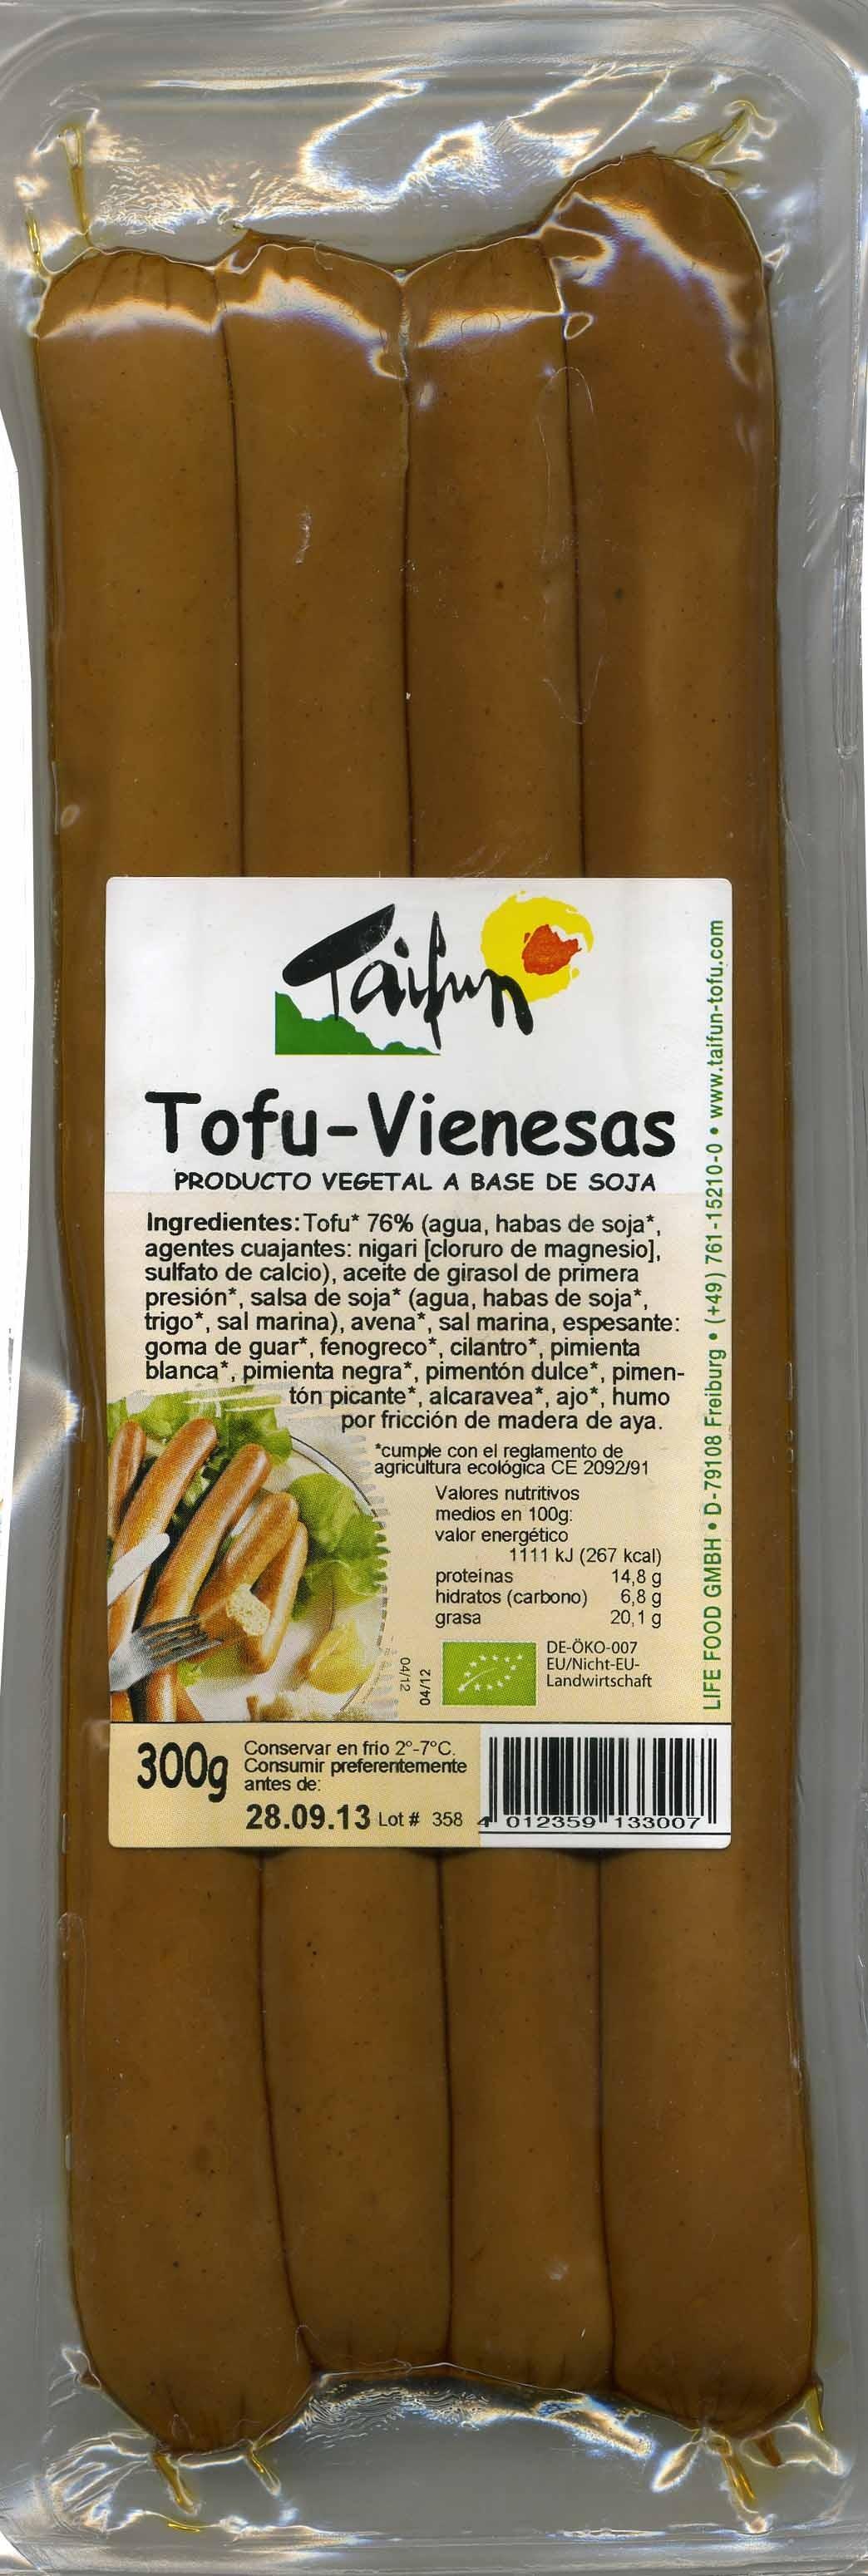 Tofu Wiener - Produkt